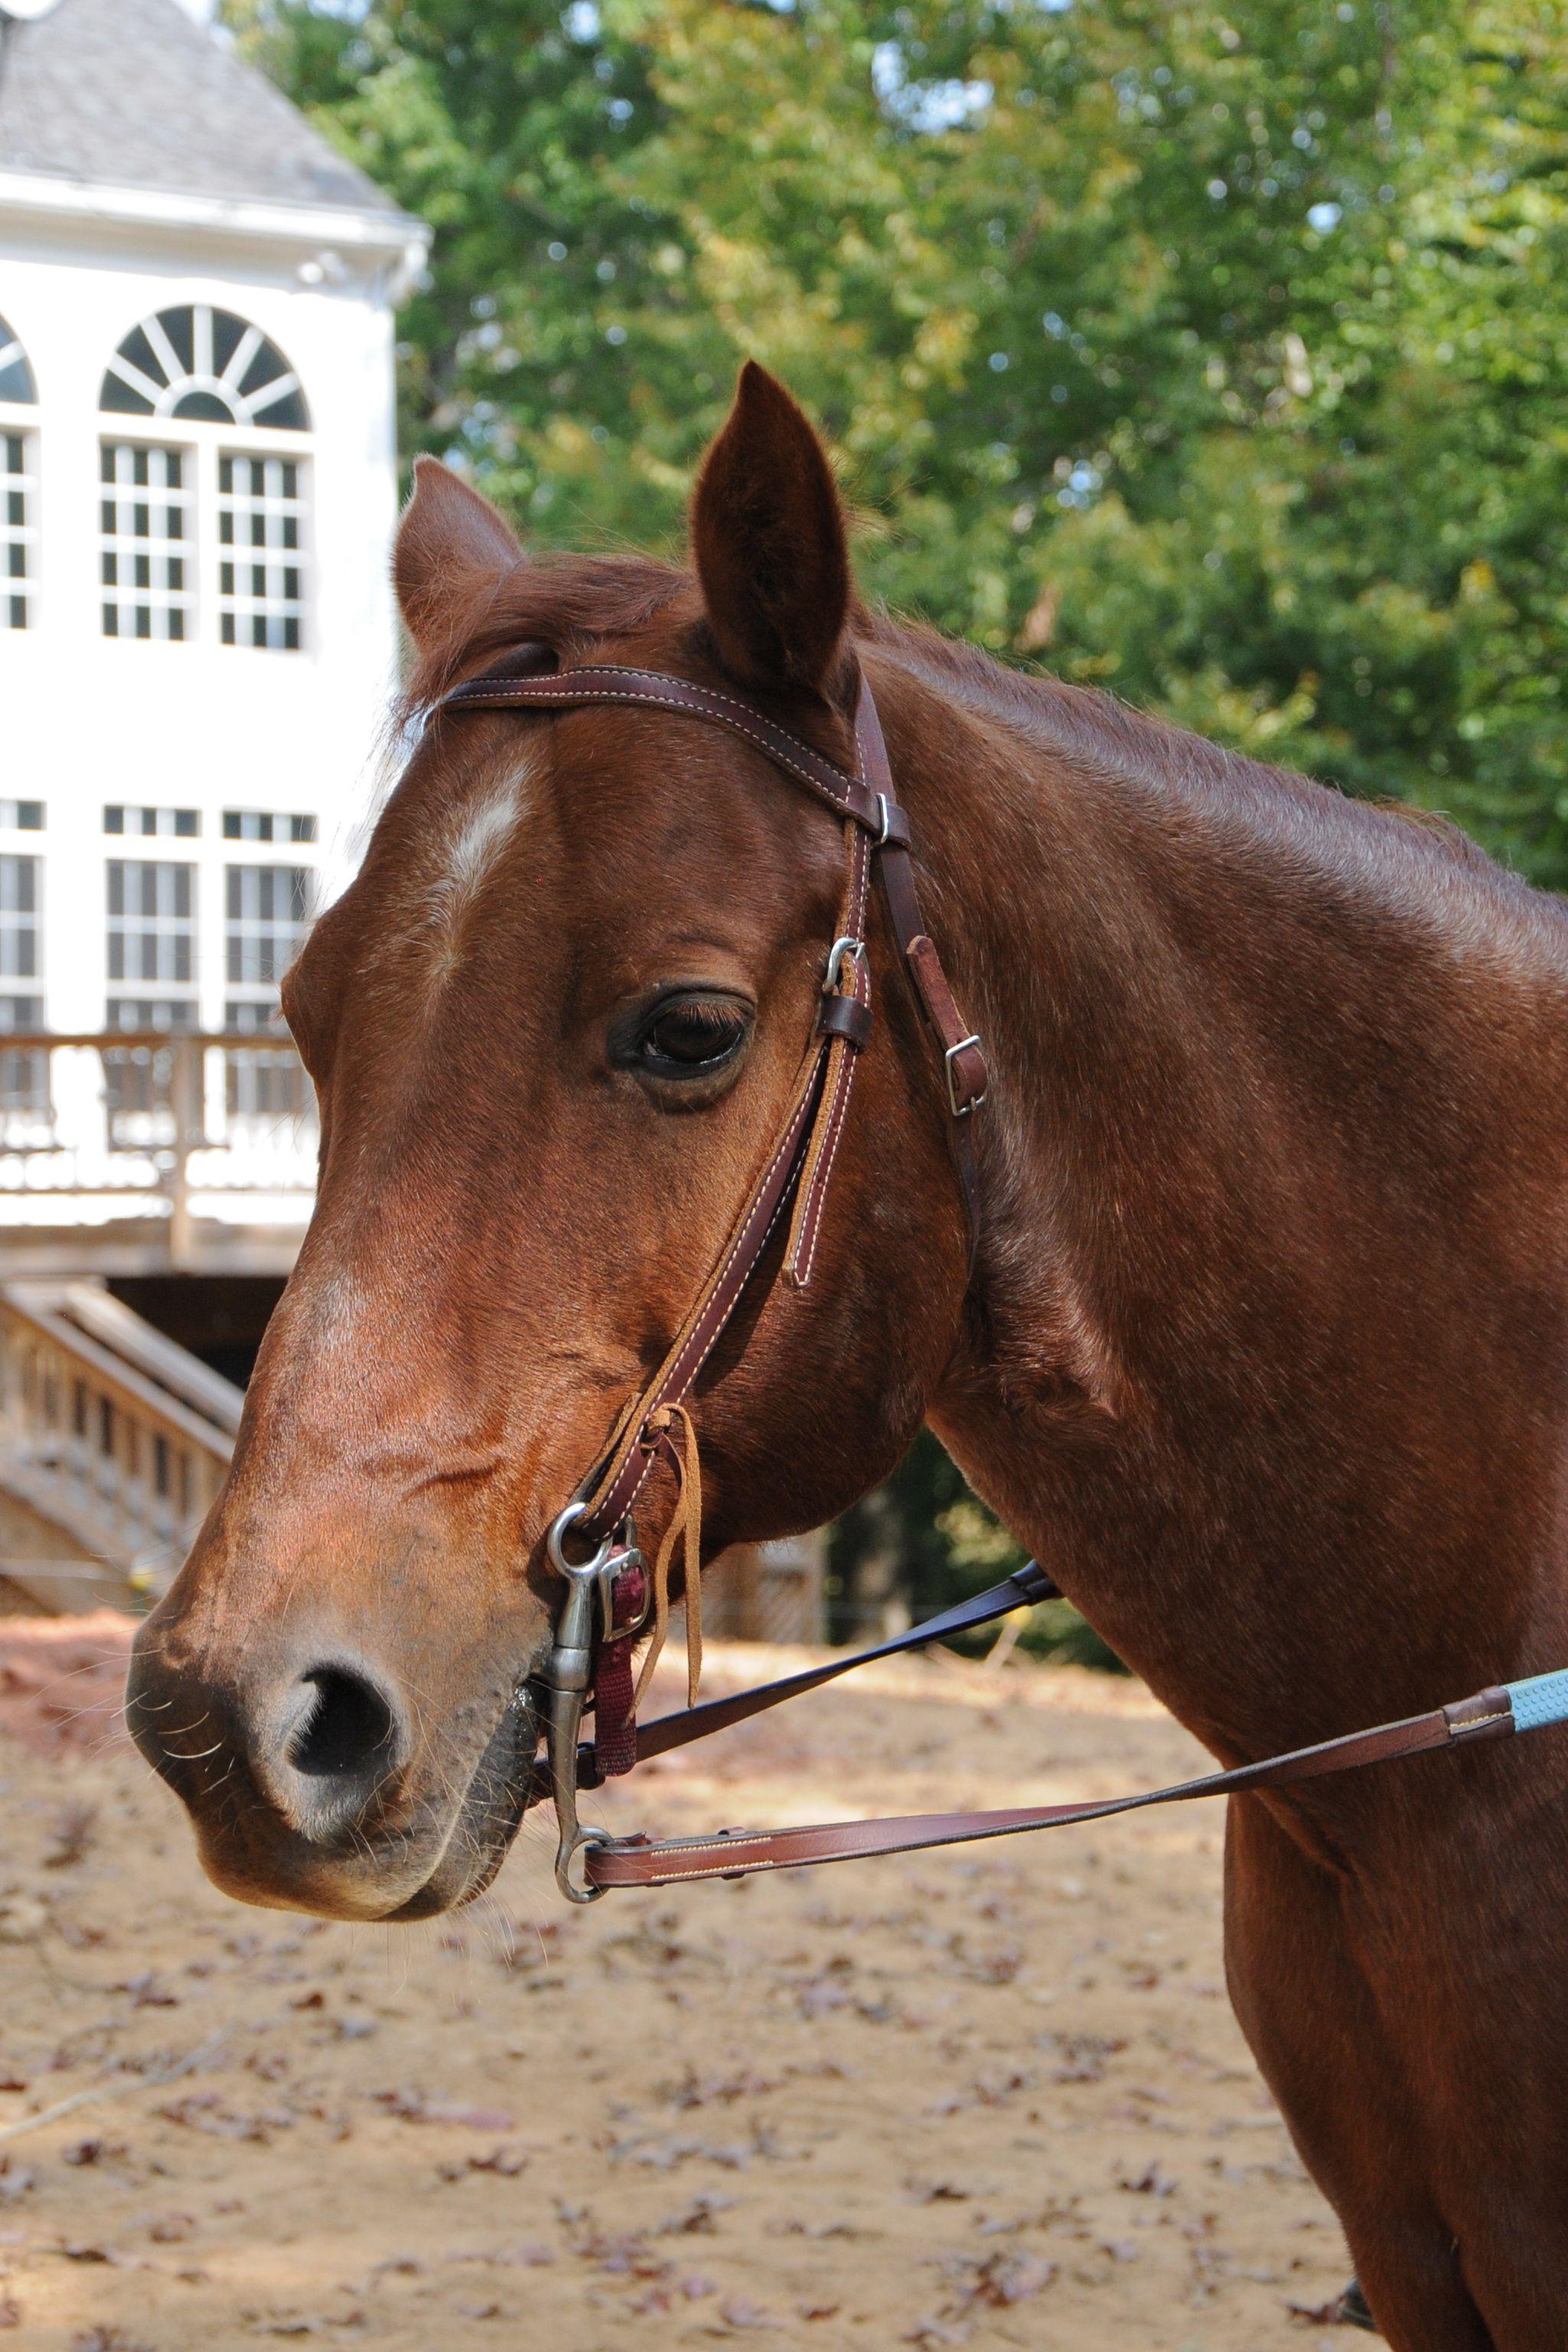 Popular Wallpaper Horse Flicka - 8bb69273d0e7b08b3ea0607c80b62e6a  Graphic_434617.jpg